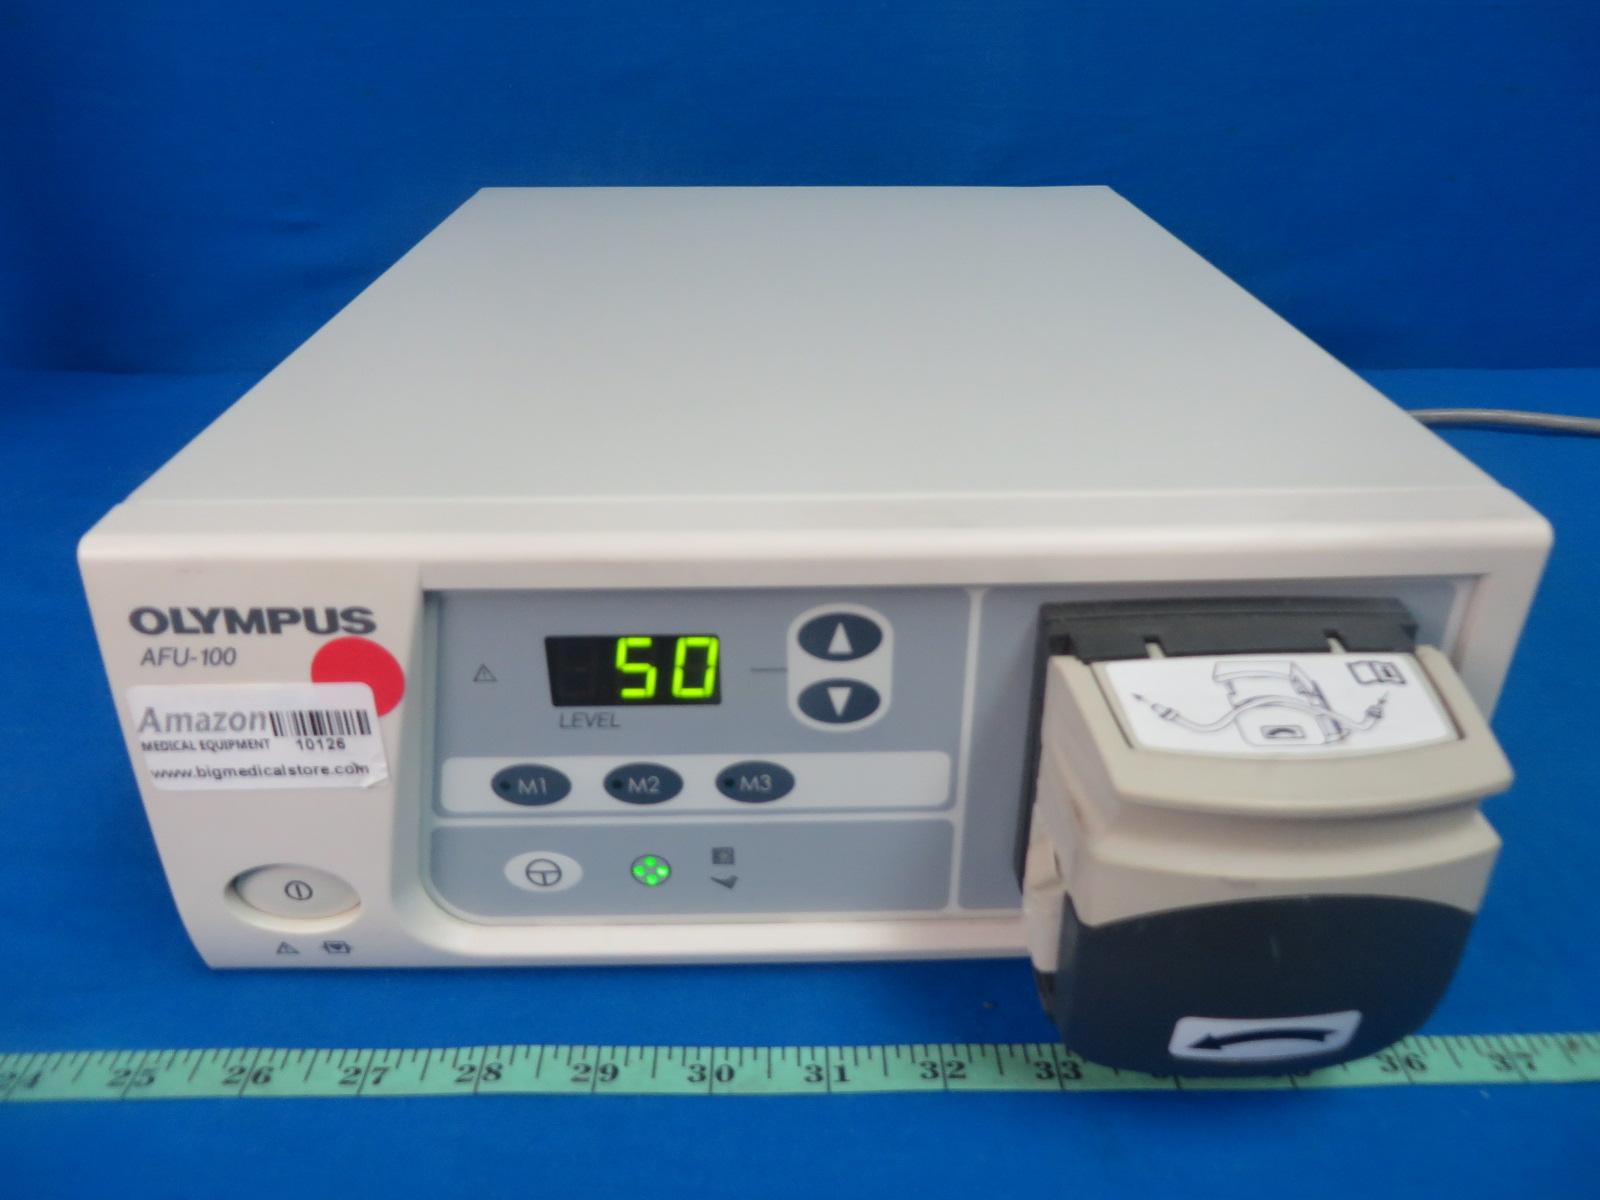 olympus afu 100 flushing pump endoscopy surgical 90 days warranty rh bigmedicalstore com Olympus Scope Reprocessing Olympus Endoscope Flushing Pump